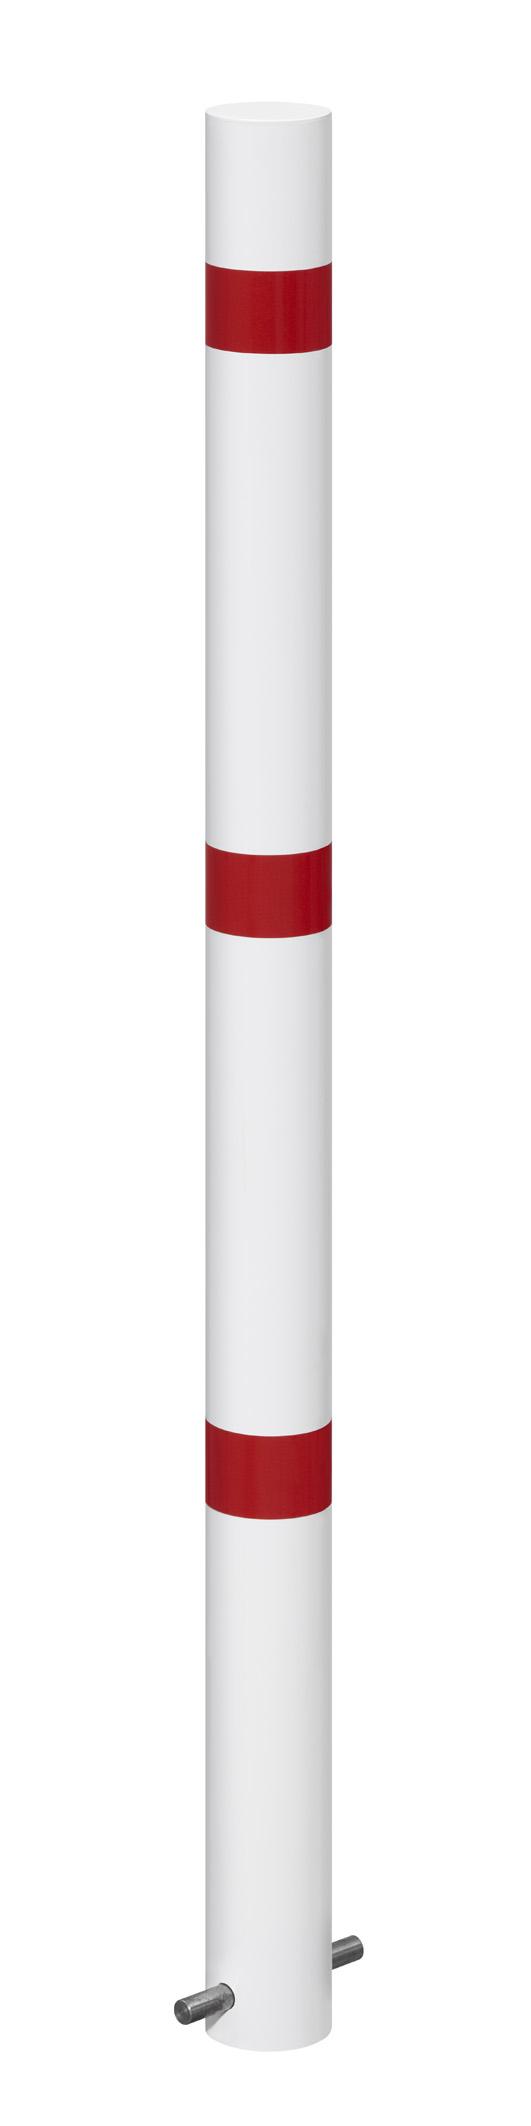 Absperrpfosten Ø 61 mm aus Stahl